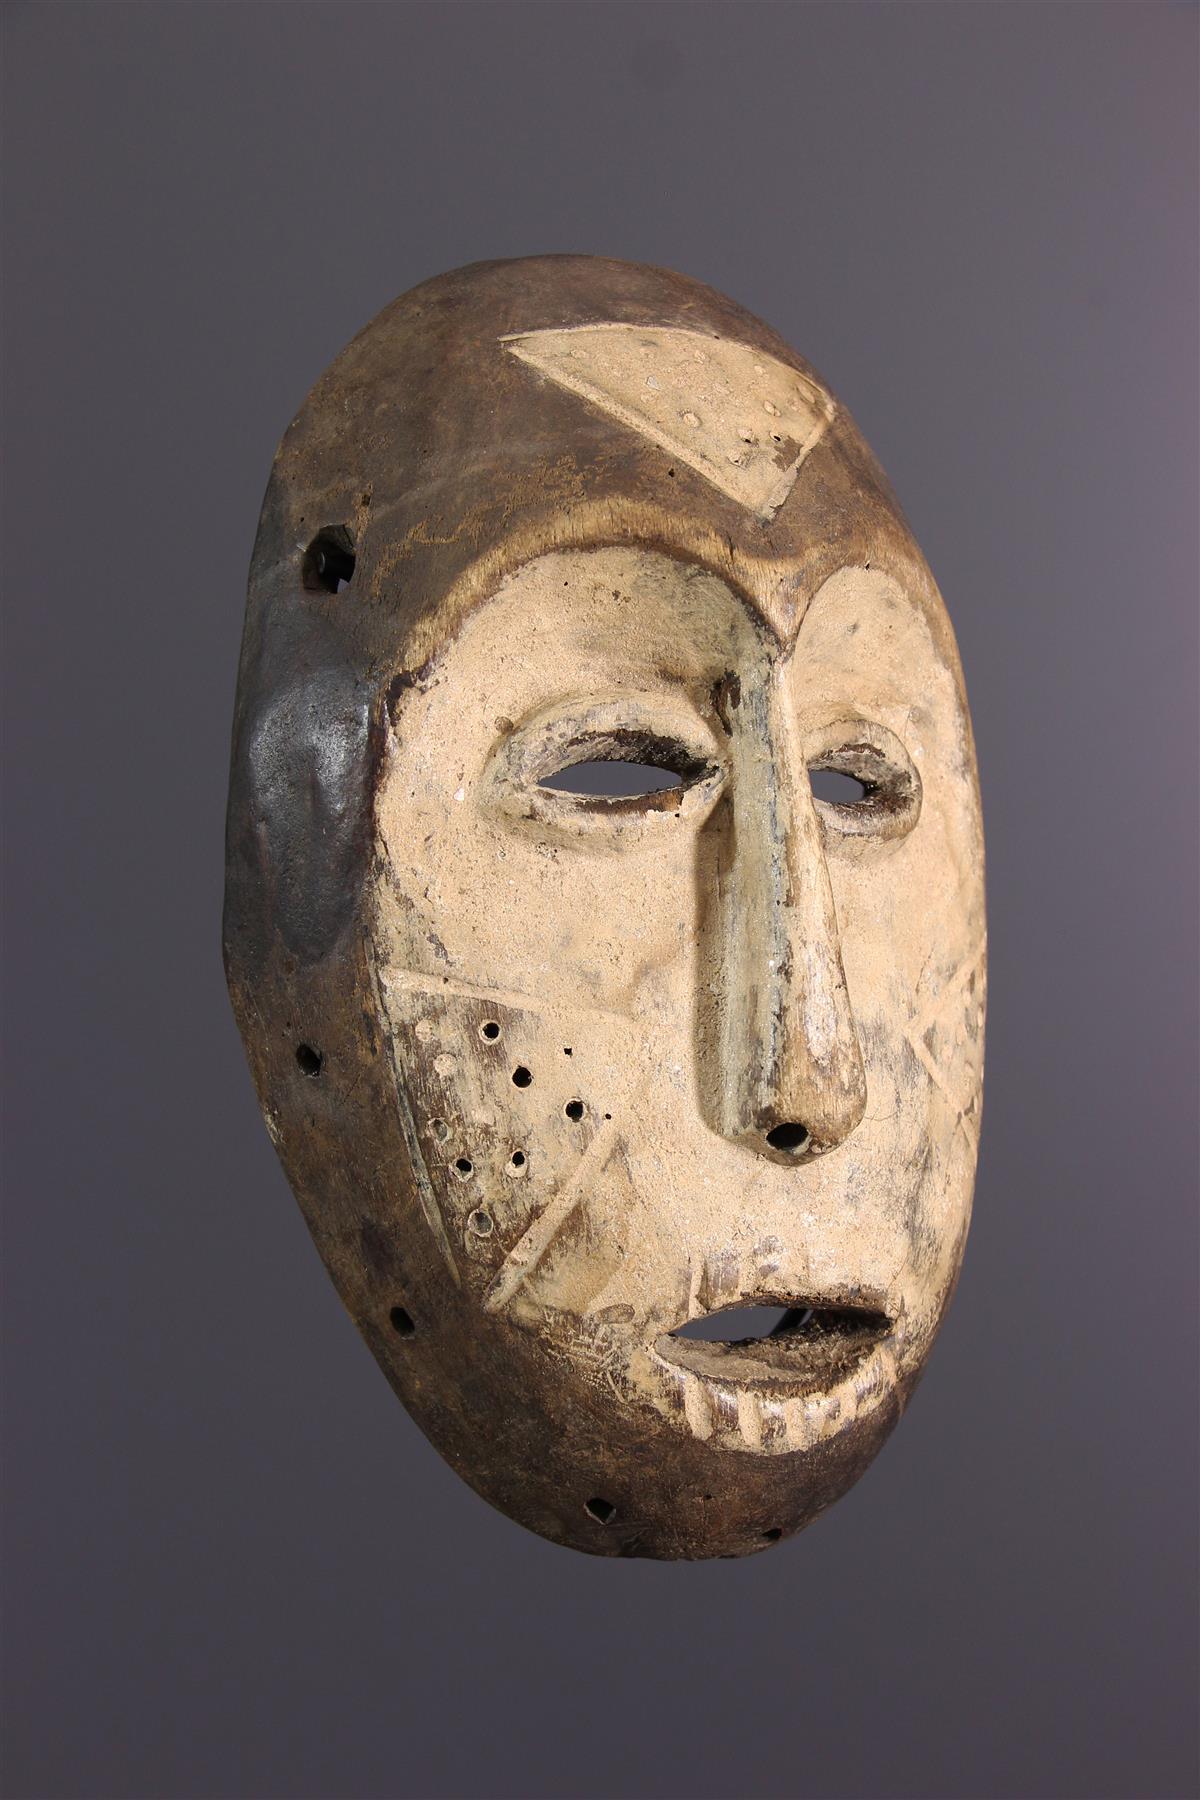 Lega mask - African art